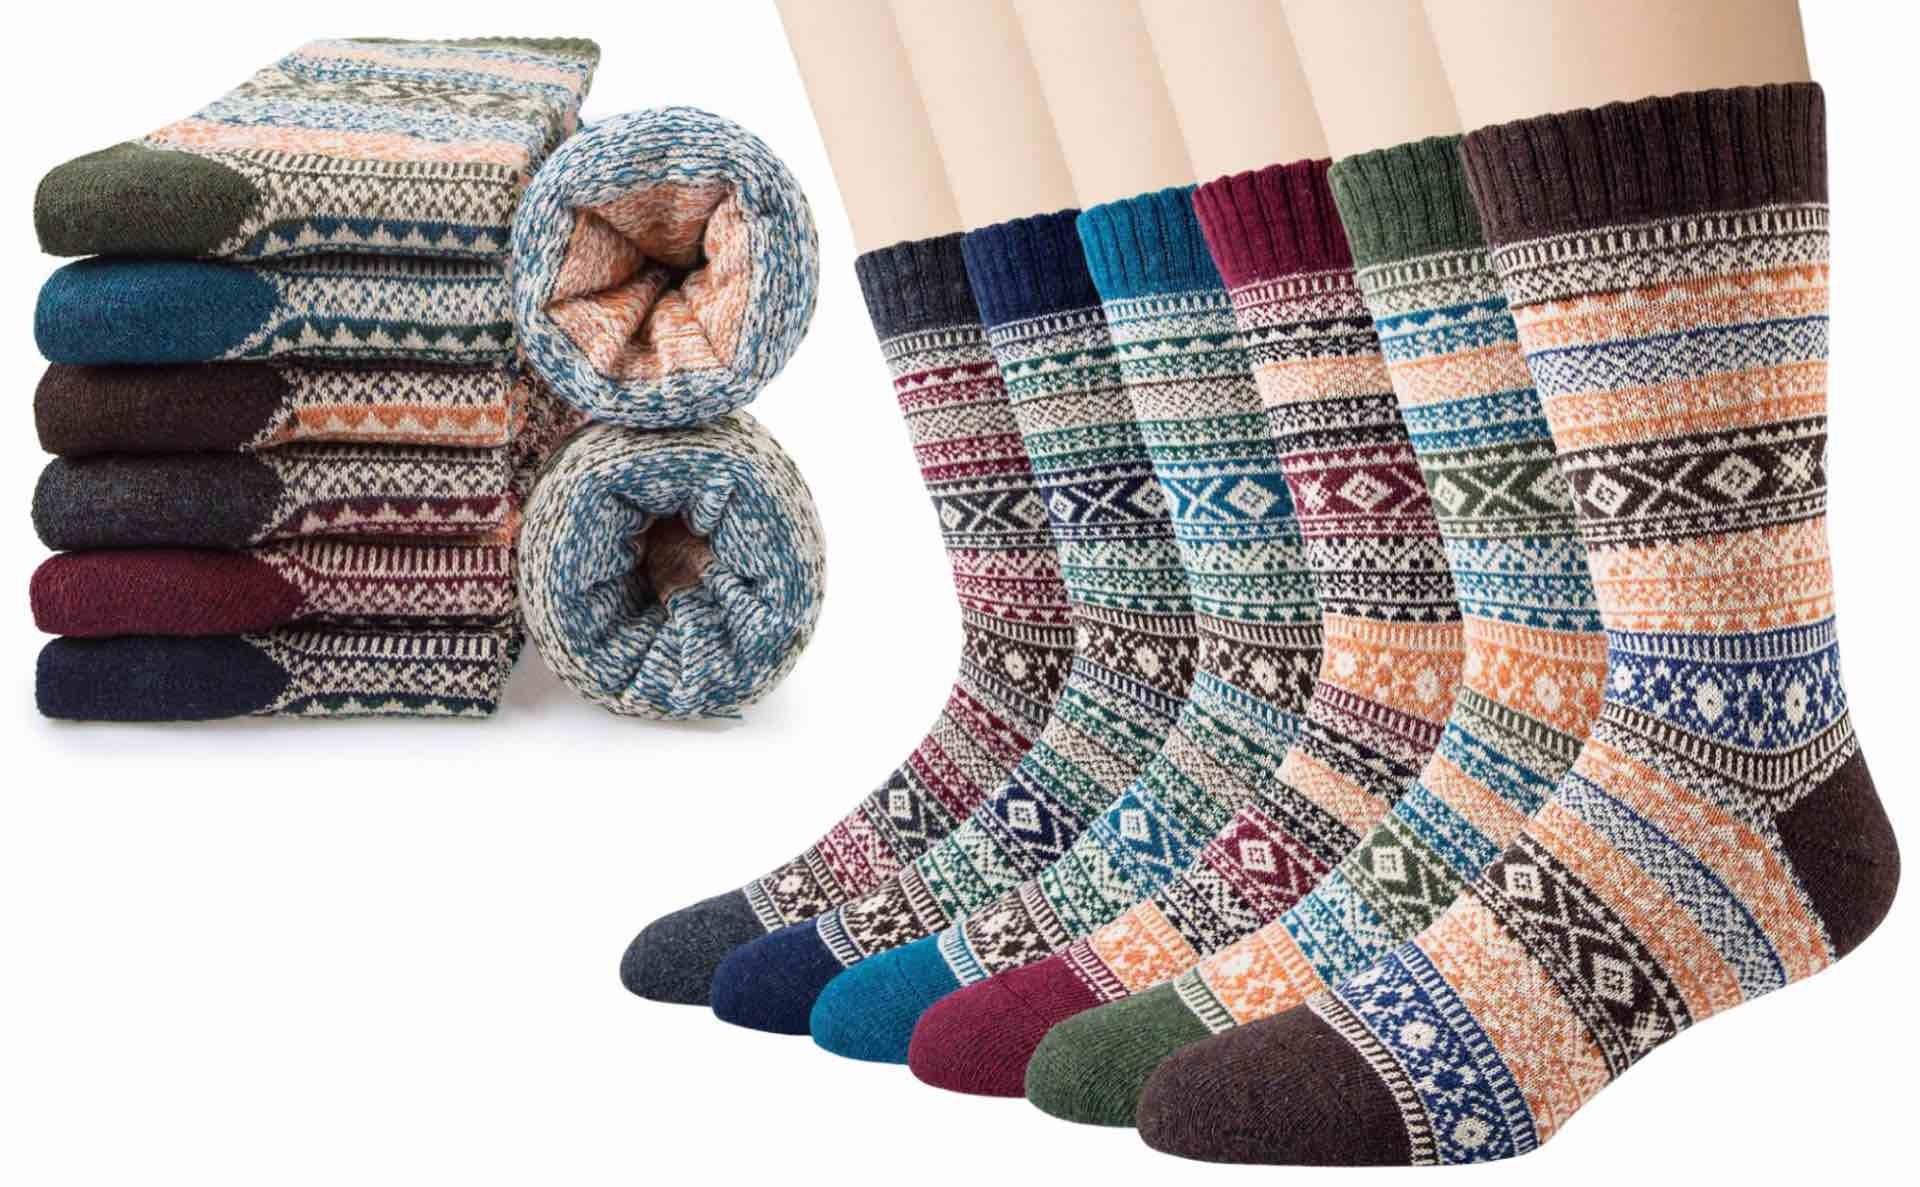 Ysense Norwegian-style socks. ($16 for six pairs)